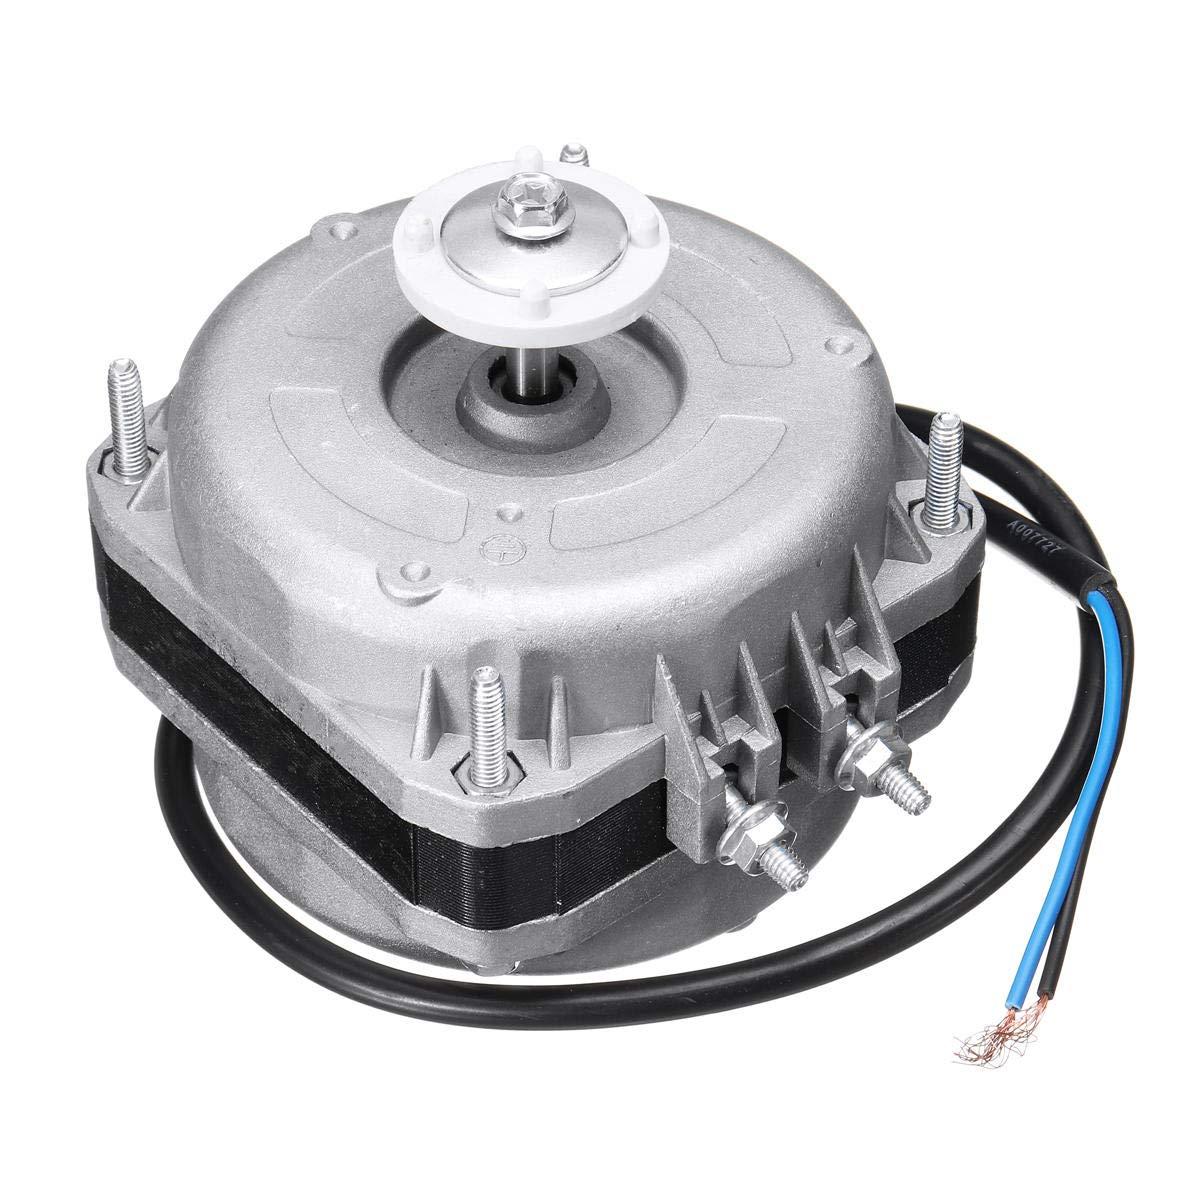 Juego de motor de ventilador de refrigerador de 35 W y 220 V ...